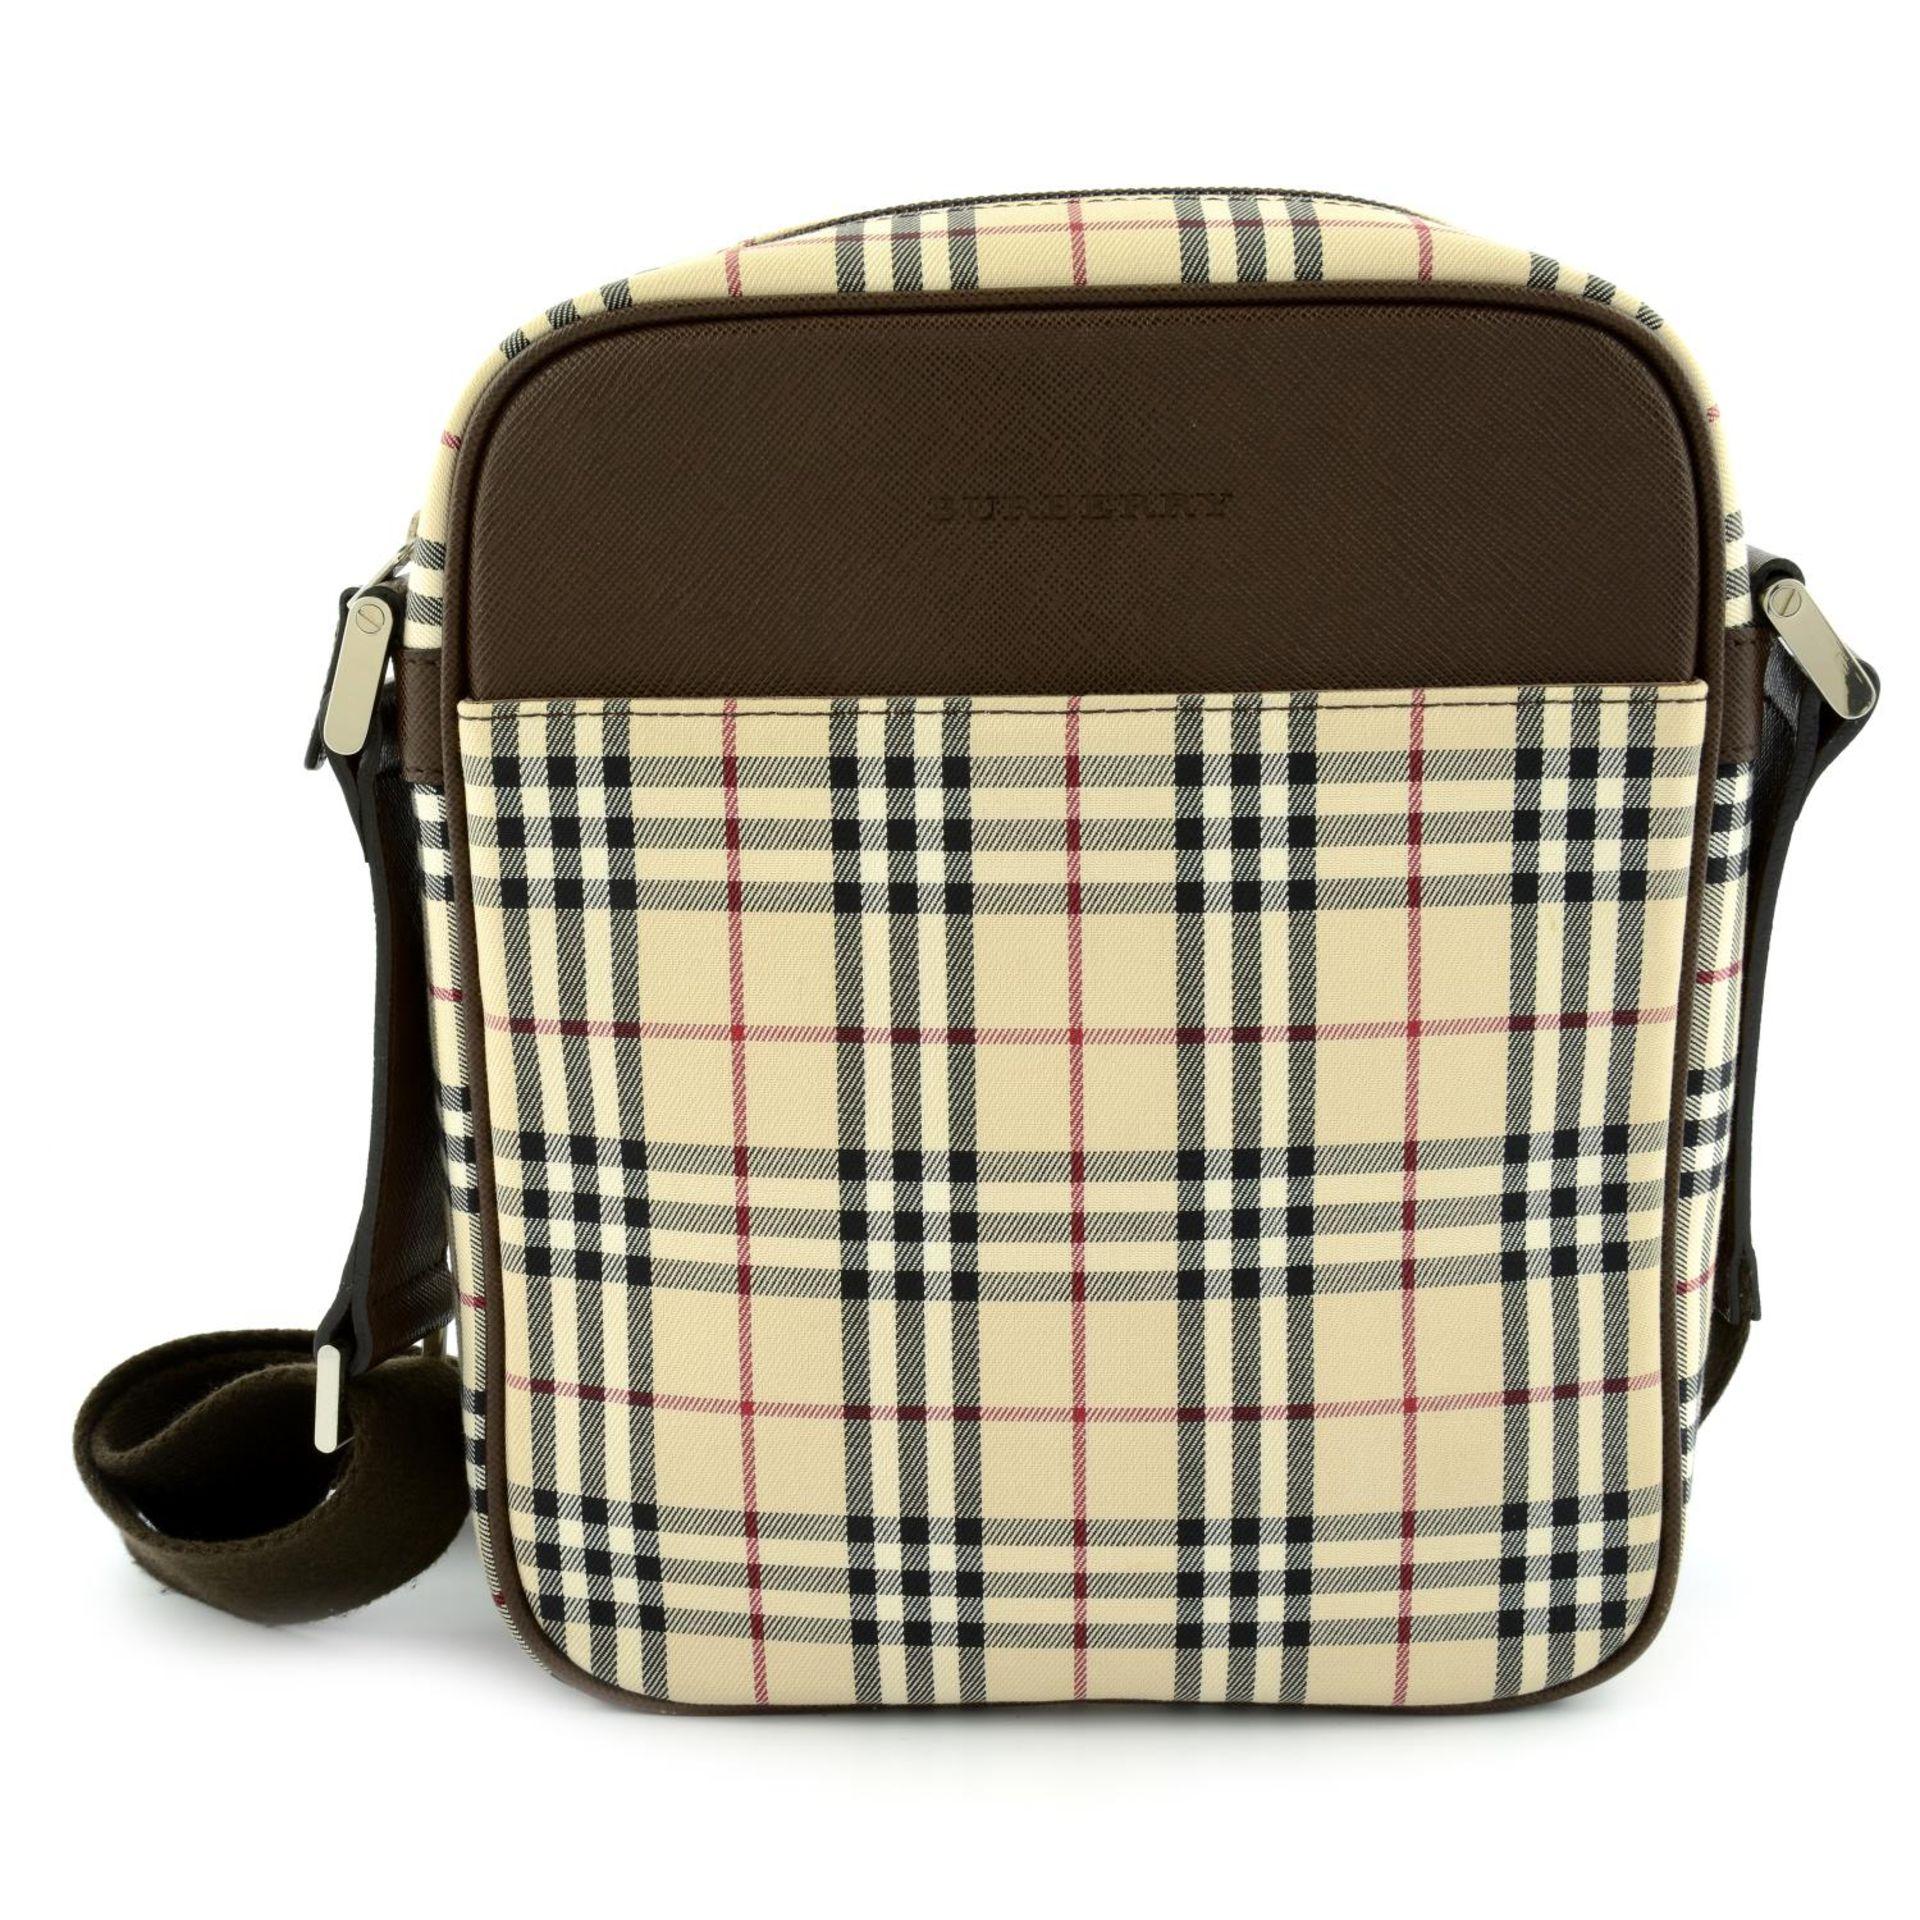 BURBERRY - a Nova Check crossbody messenger bag.